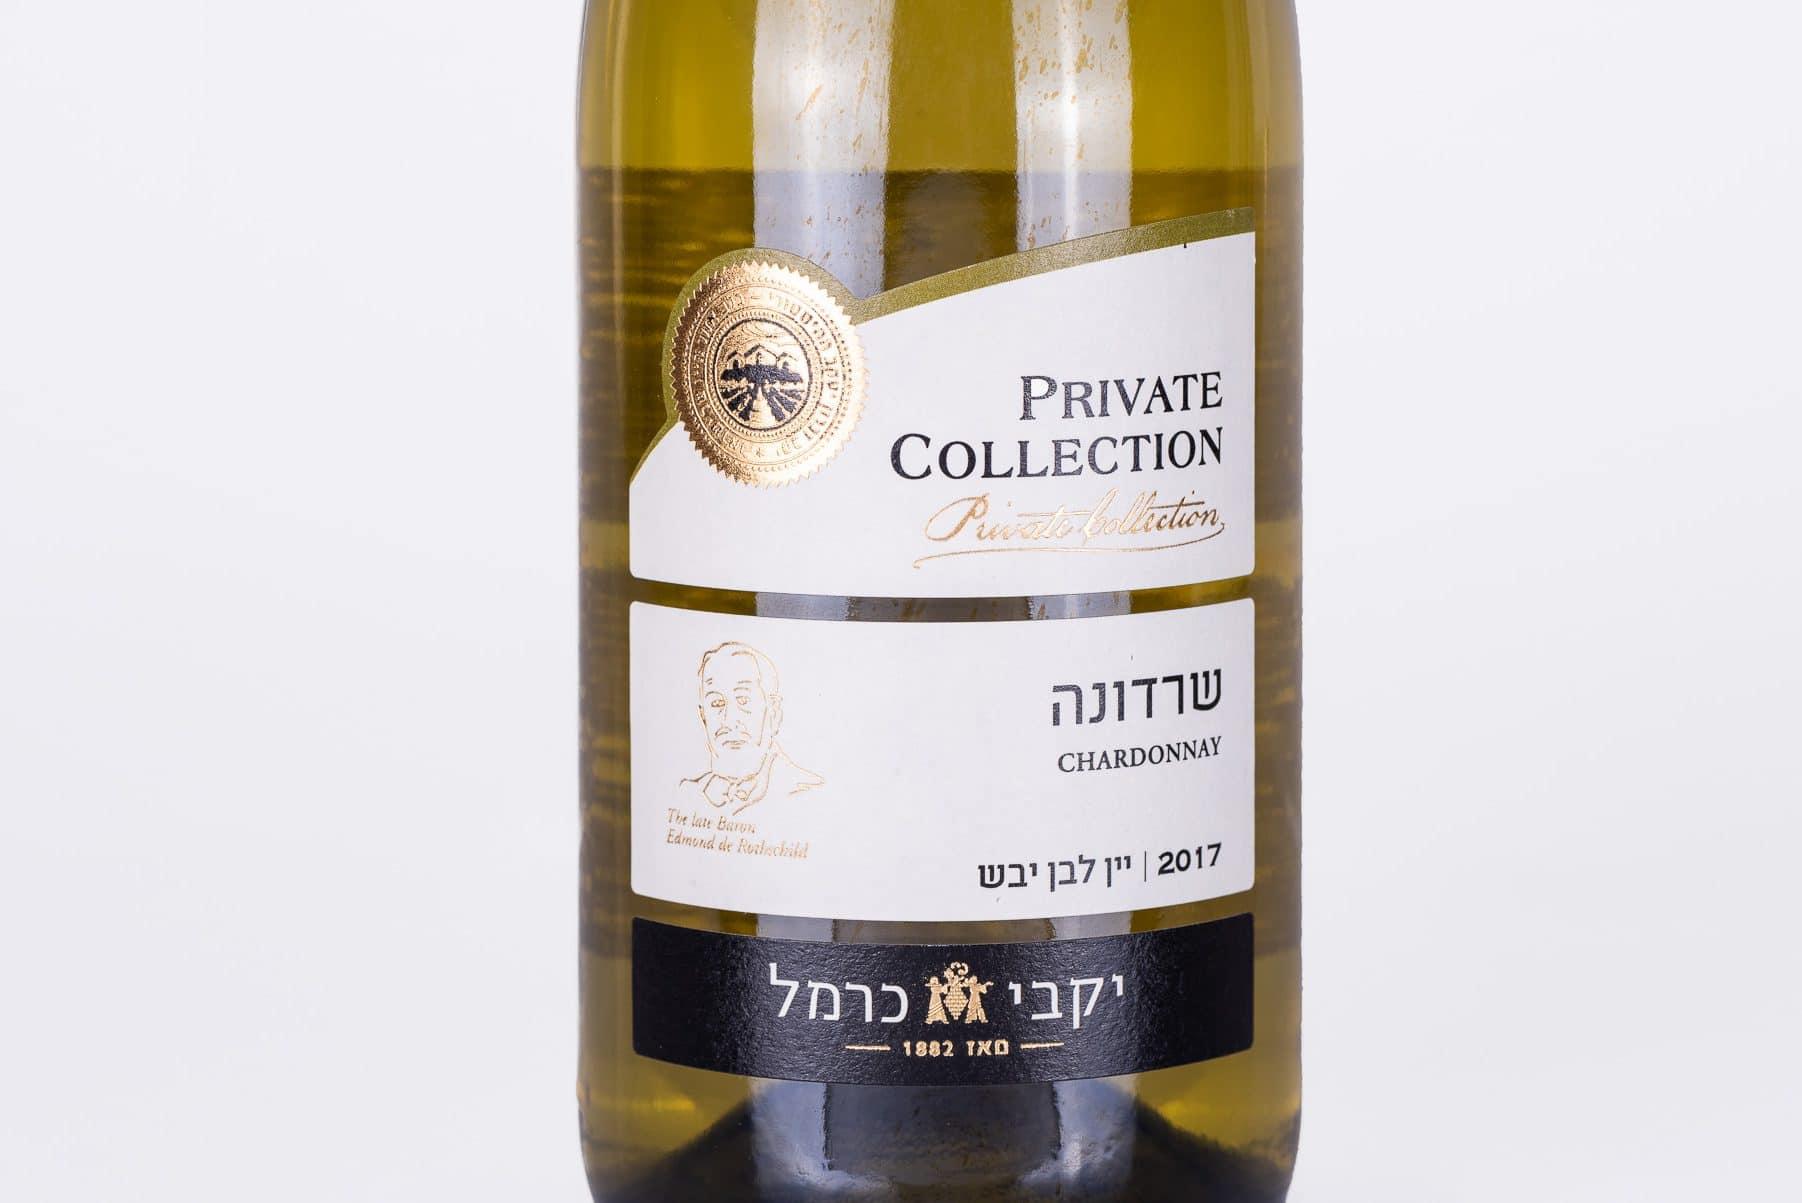 יין שרדונה של יקבי כרמל. תוויות לבקבוקי היין הינו בצבע לבן עם פס שחור למטה וחותמת איכות בצבע זהב. יין בניחוחות של אגסים, אפרסקים, בריוש ווניל.